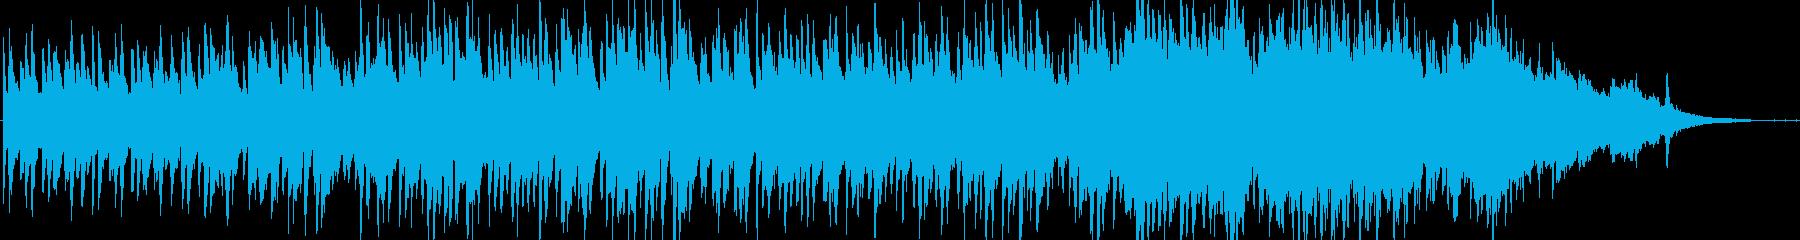 現代の交響曲 クラシック交響曲 あ...の再生済みの波形